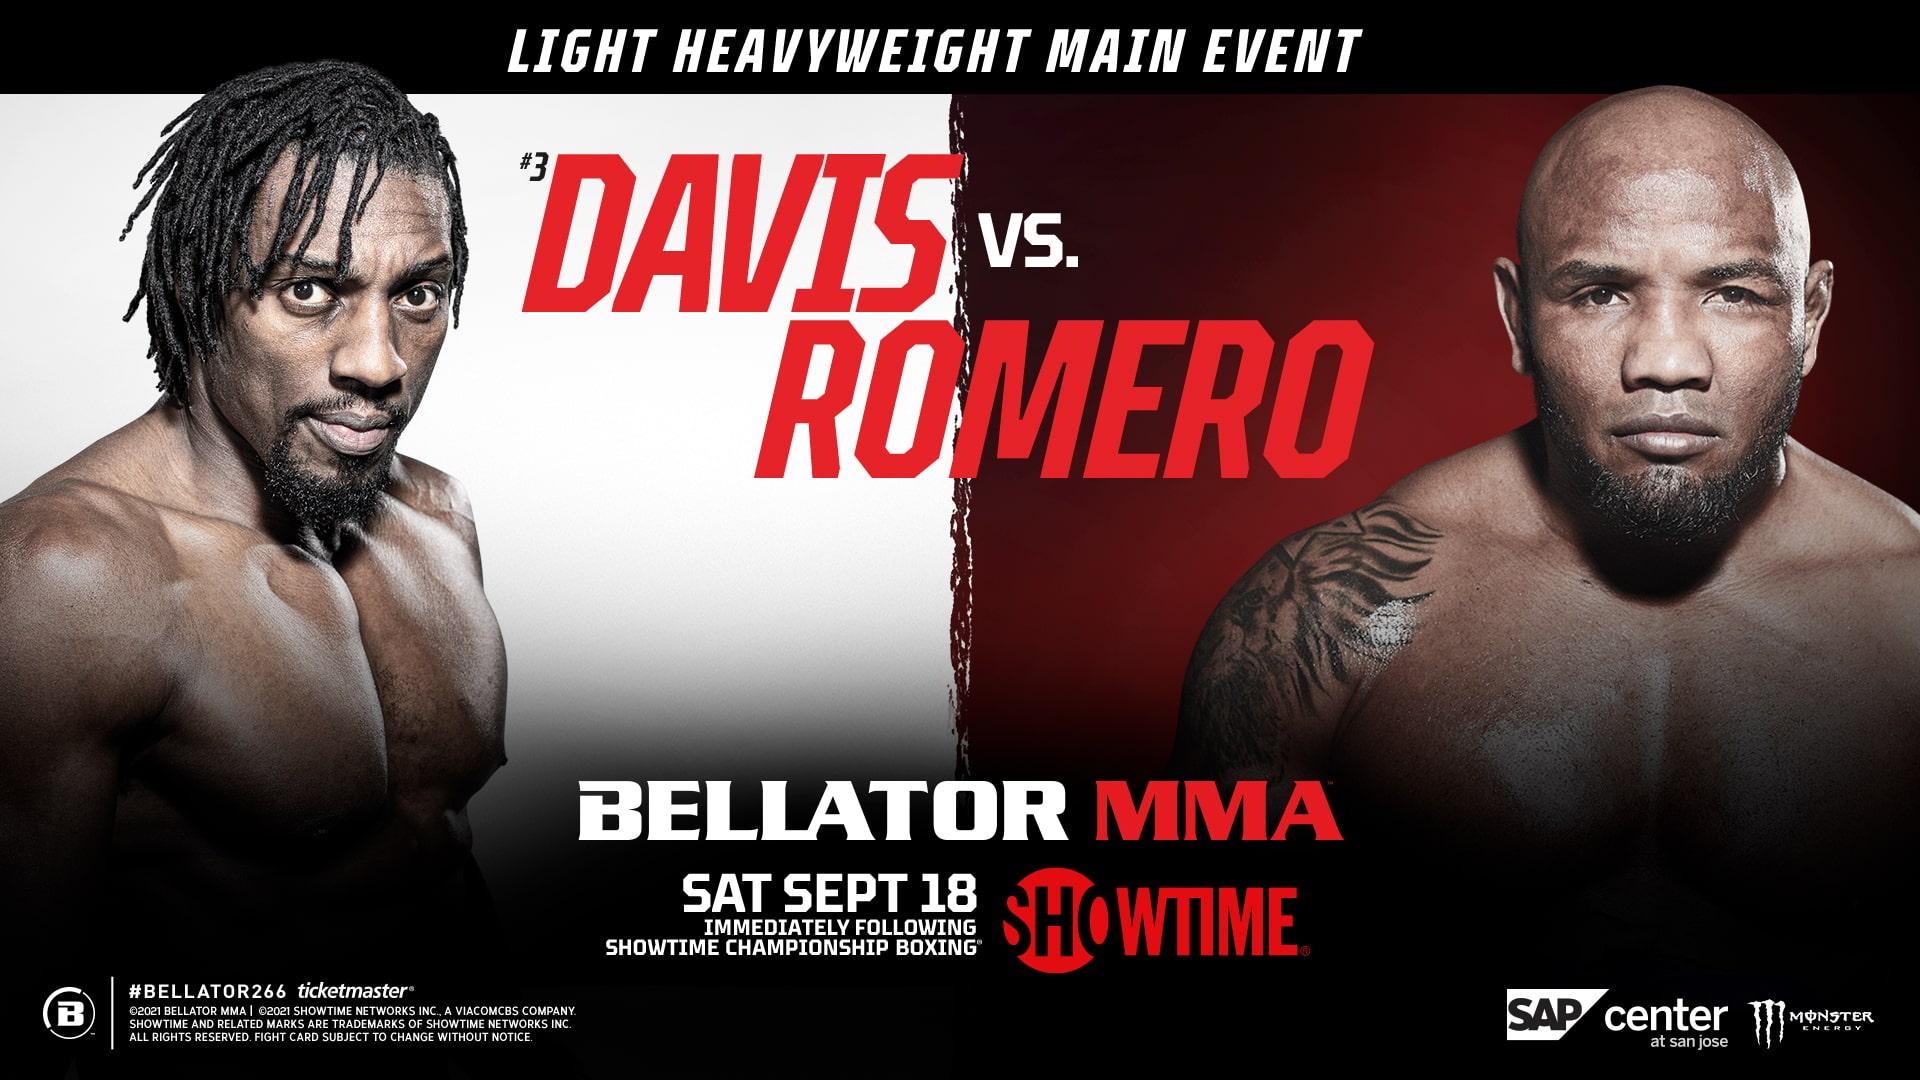 Bellator 266: Davis vs. Romero - rozpiska, transmisja, godziny rozpoczęcia  gali - MMA PL